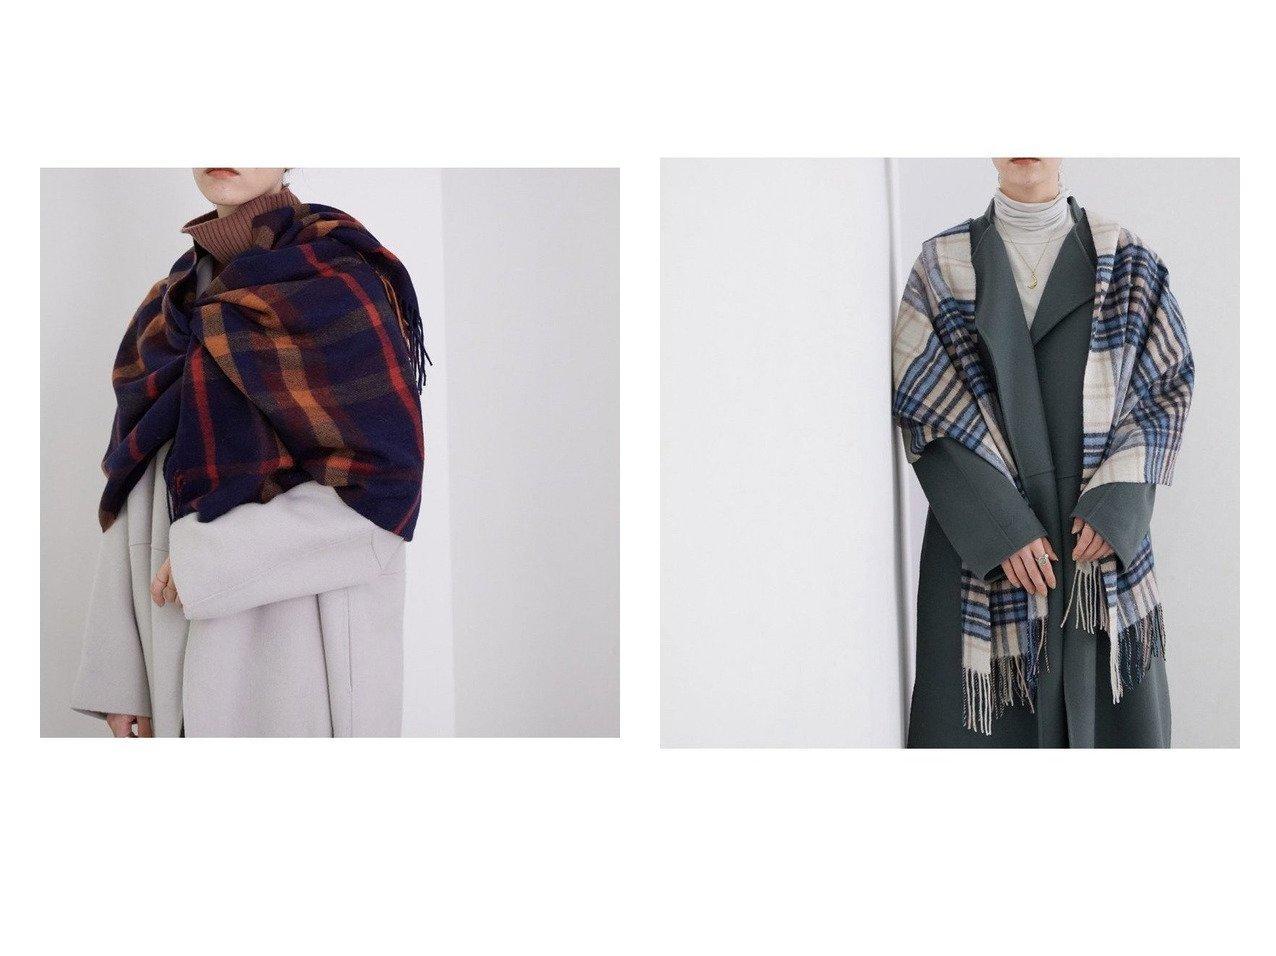 【ROPE' mademoiselle/ロペ マドモアゼル】のウールチェックストール おすすめ!人気、トレンド・レディースファッションの通販  おすすめで人気の流行・トレンド、ファッションの通販商品 メンズファッション・キッズファッション・インテリア・家具・レディースファッション・服の通販 founy(ファニー) https://founy.com/ ファッション Fashion レディースファッション WOMEN ストール チェック 冬 Winter |ID:crp329100000014401